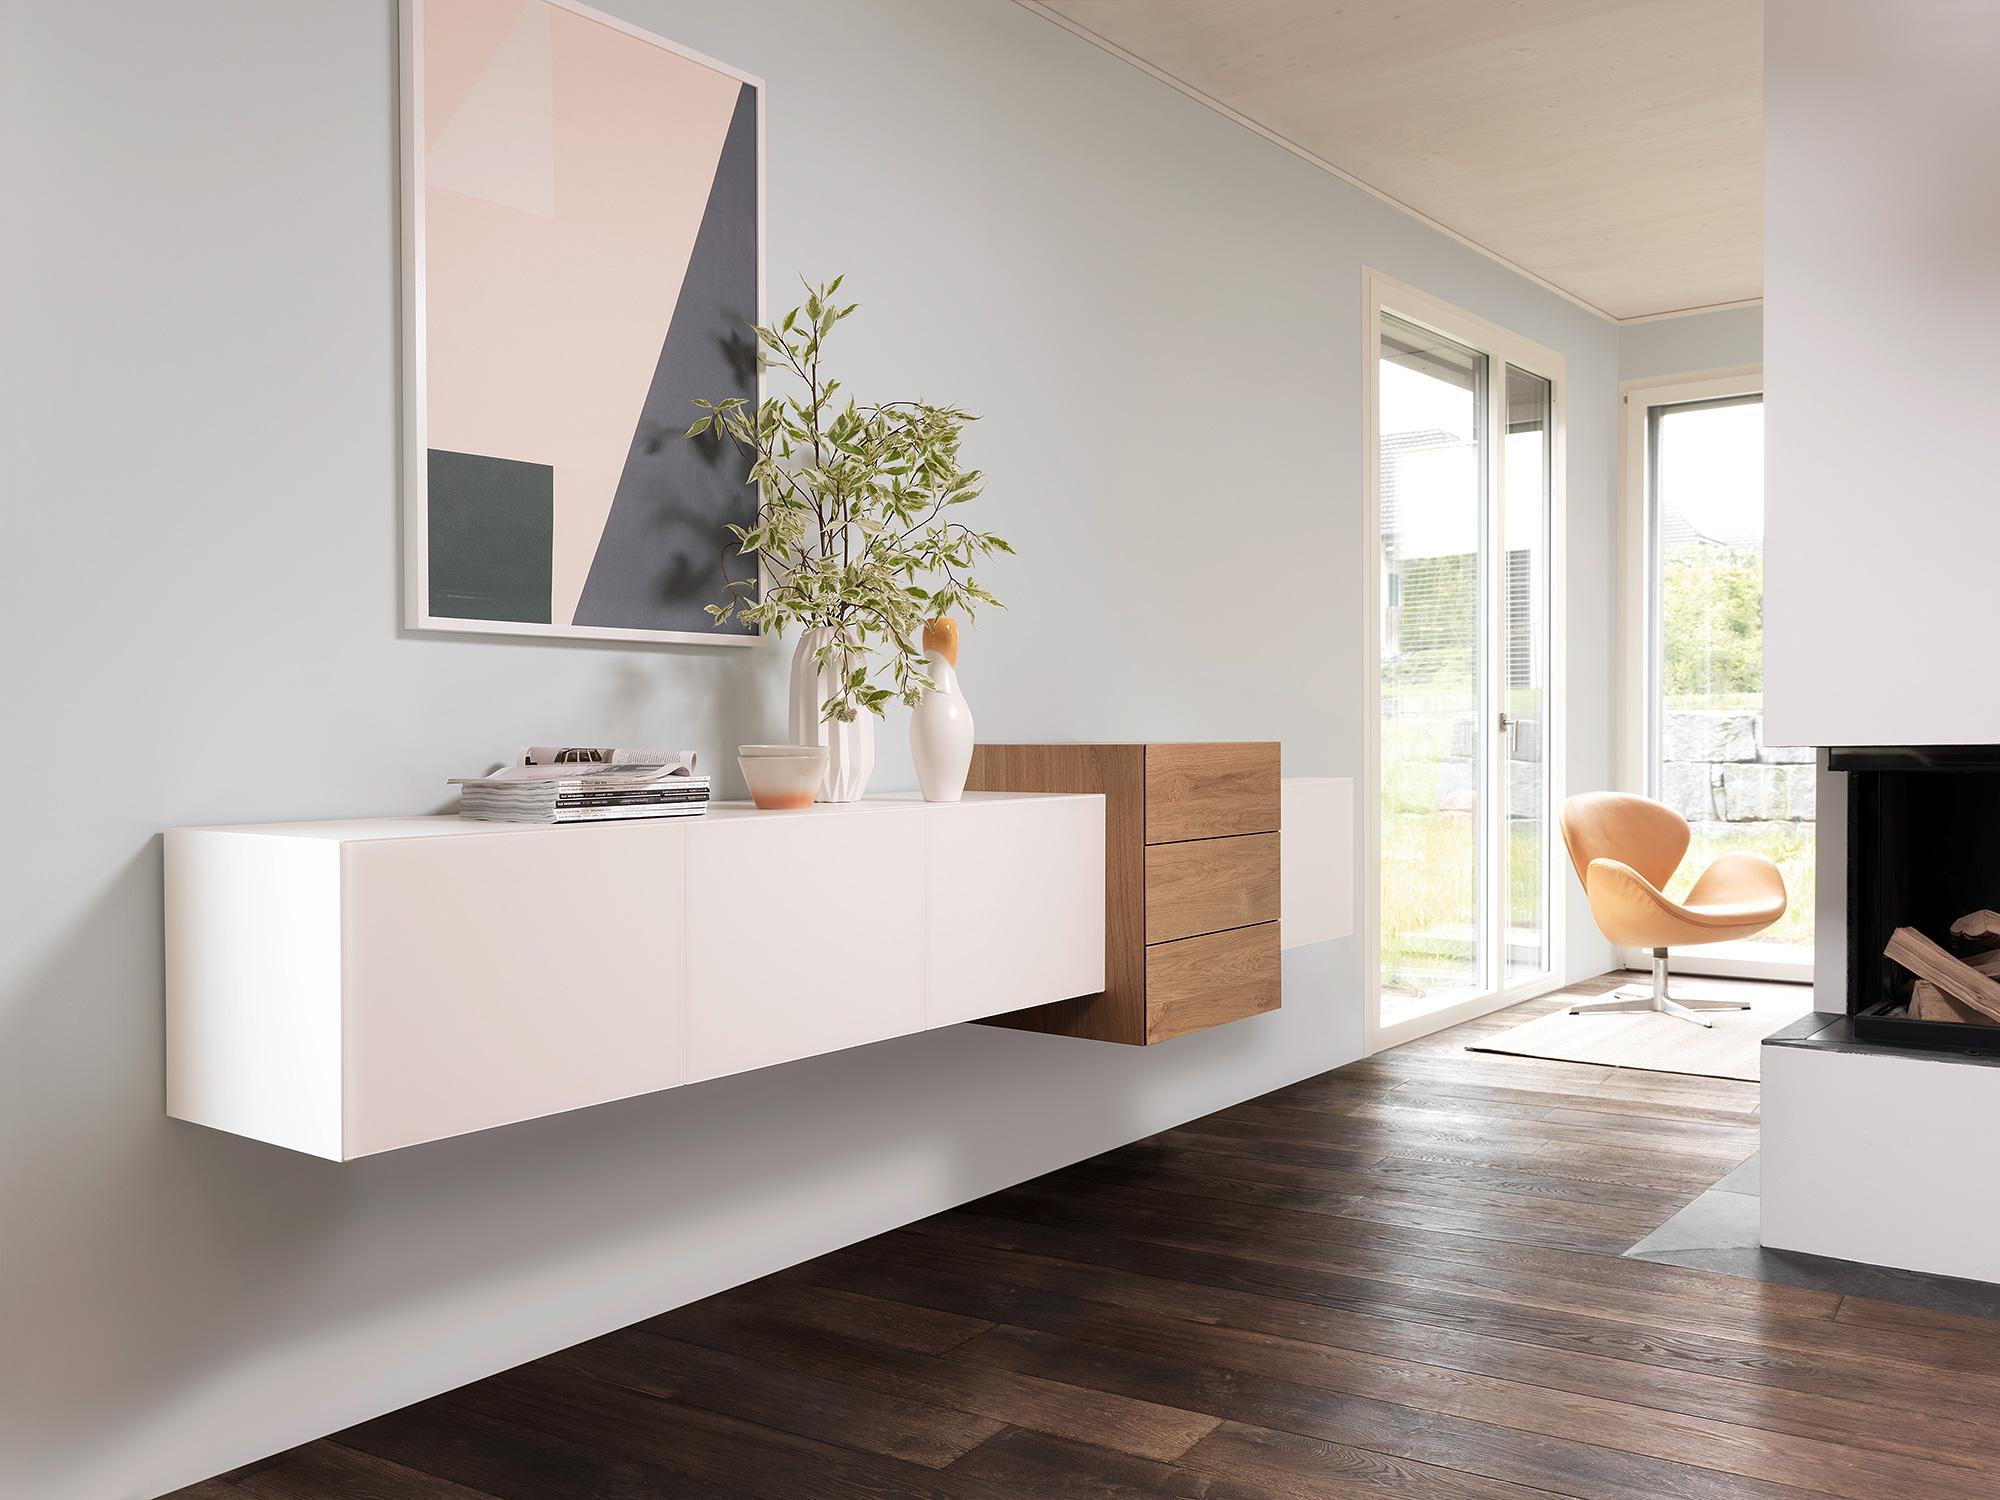 Großartig Ikea Küchenschränke Im Wohnzimmer Zeitgenössisch - Ideen ...